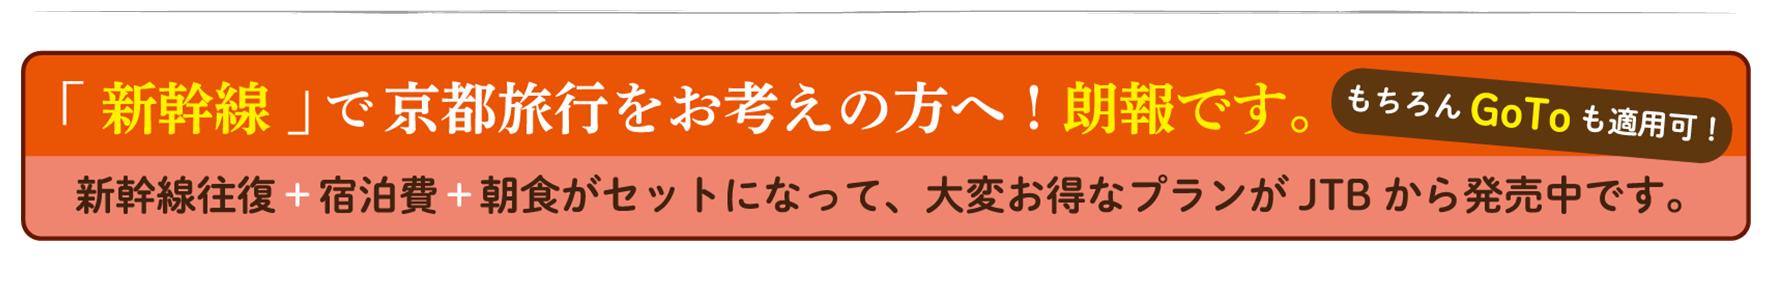 新幹線付きJTBチケット